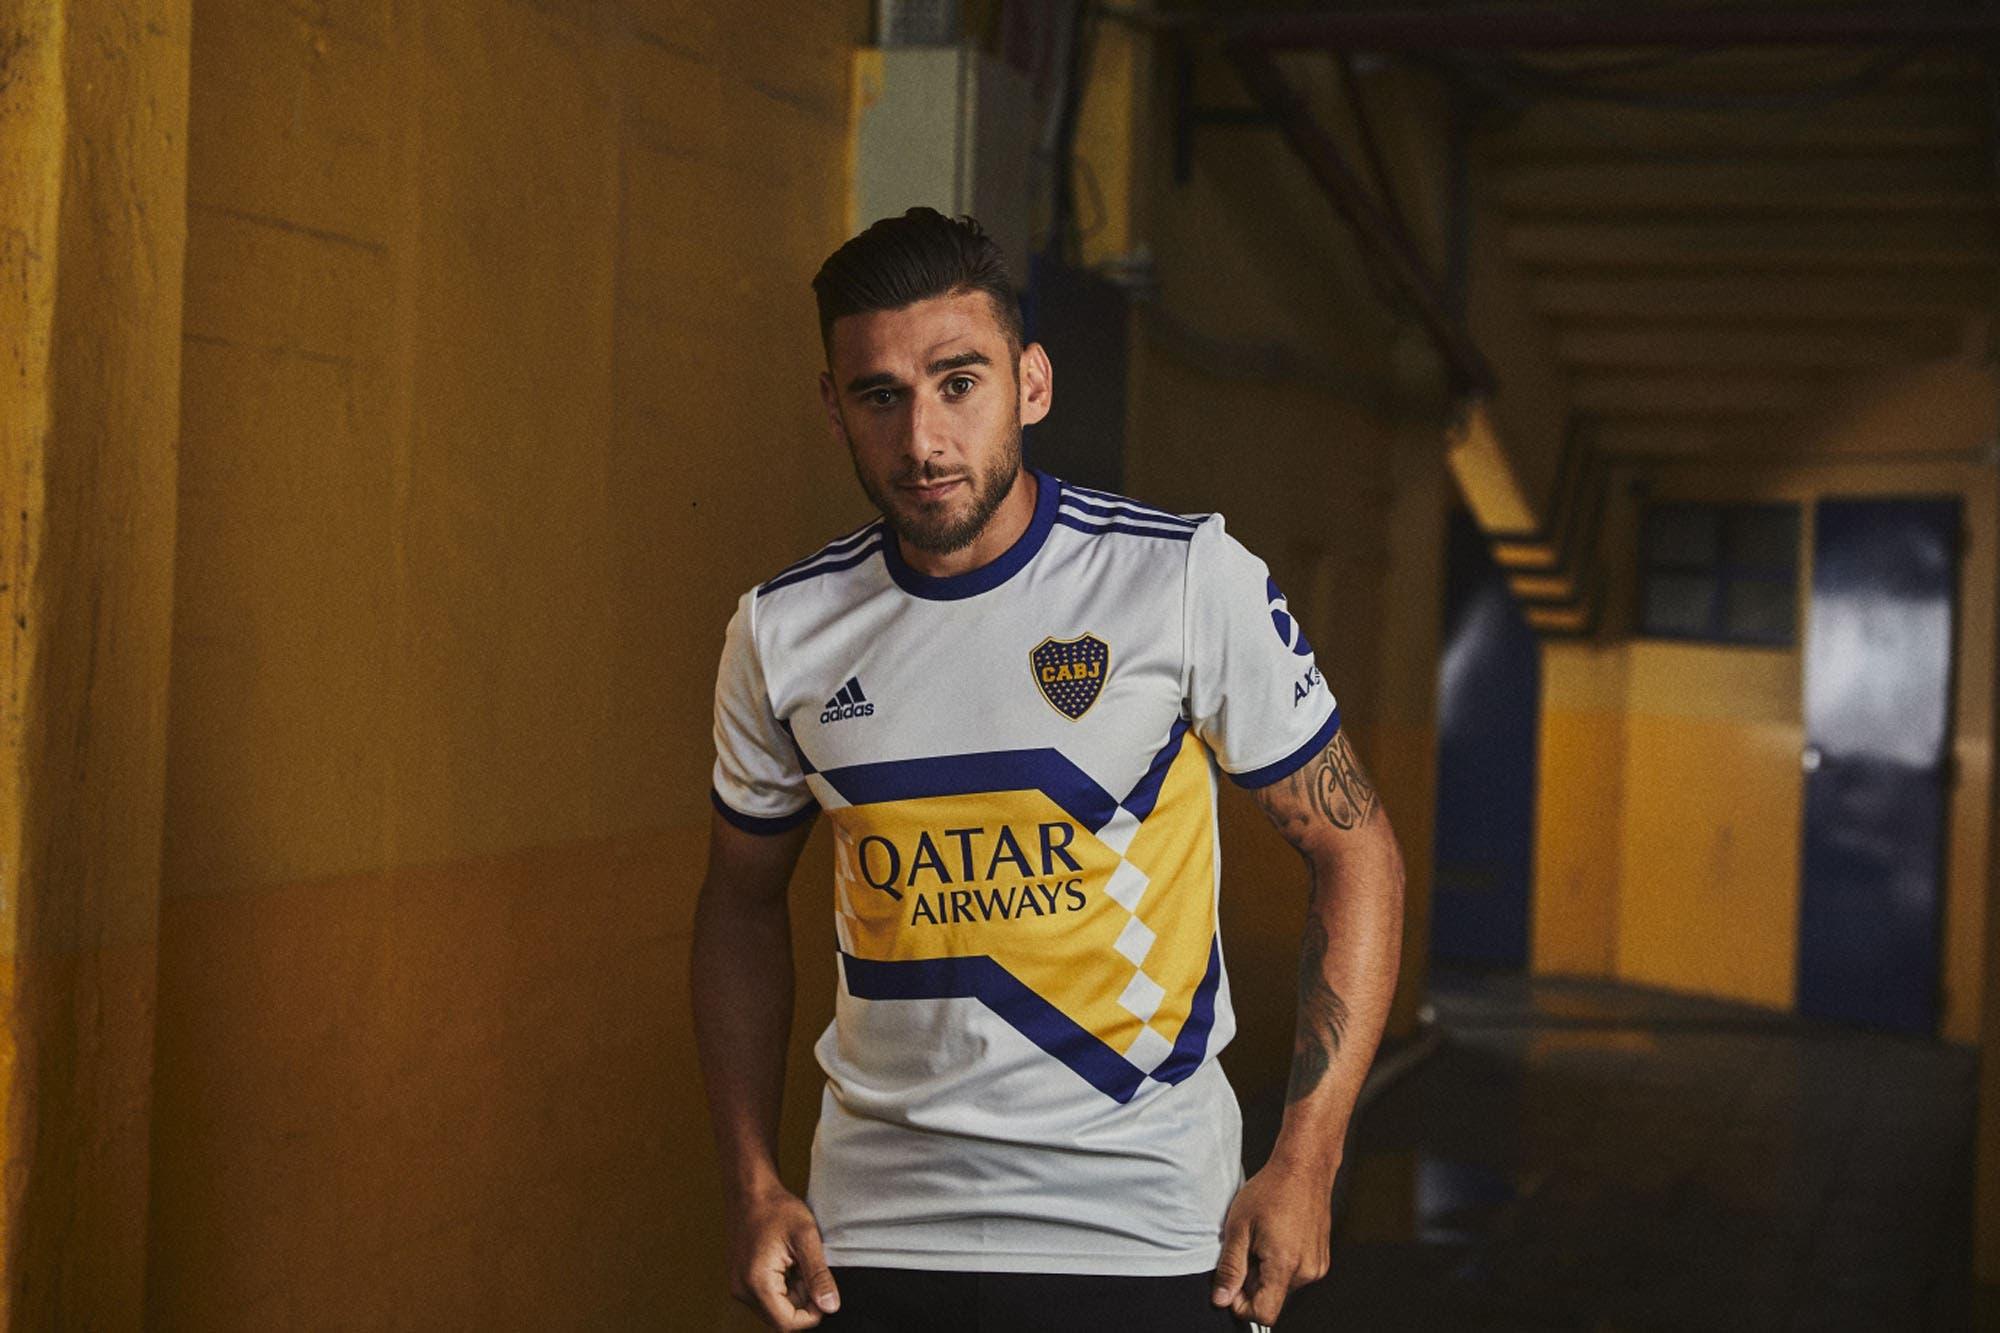 ¿Cuál es el precio de la nueva camiseta de Boca de Adidas?